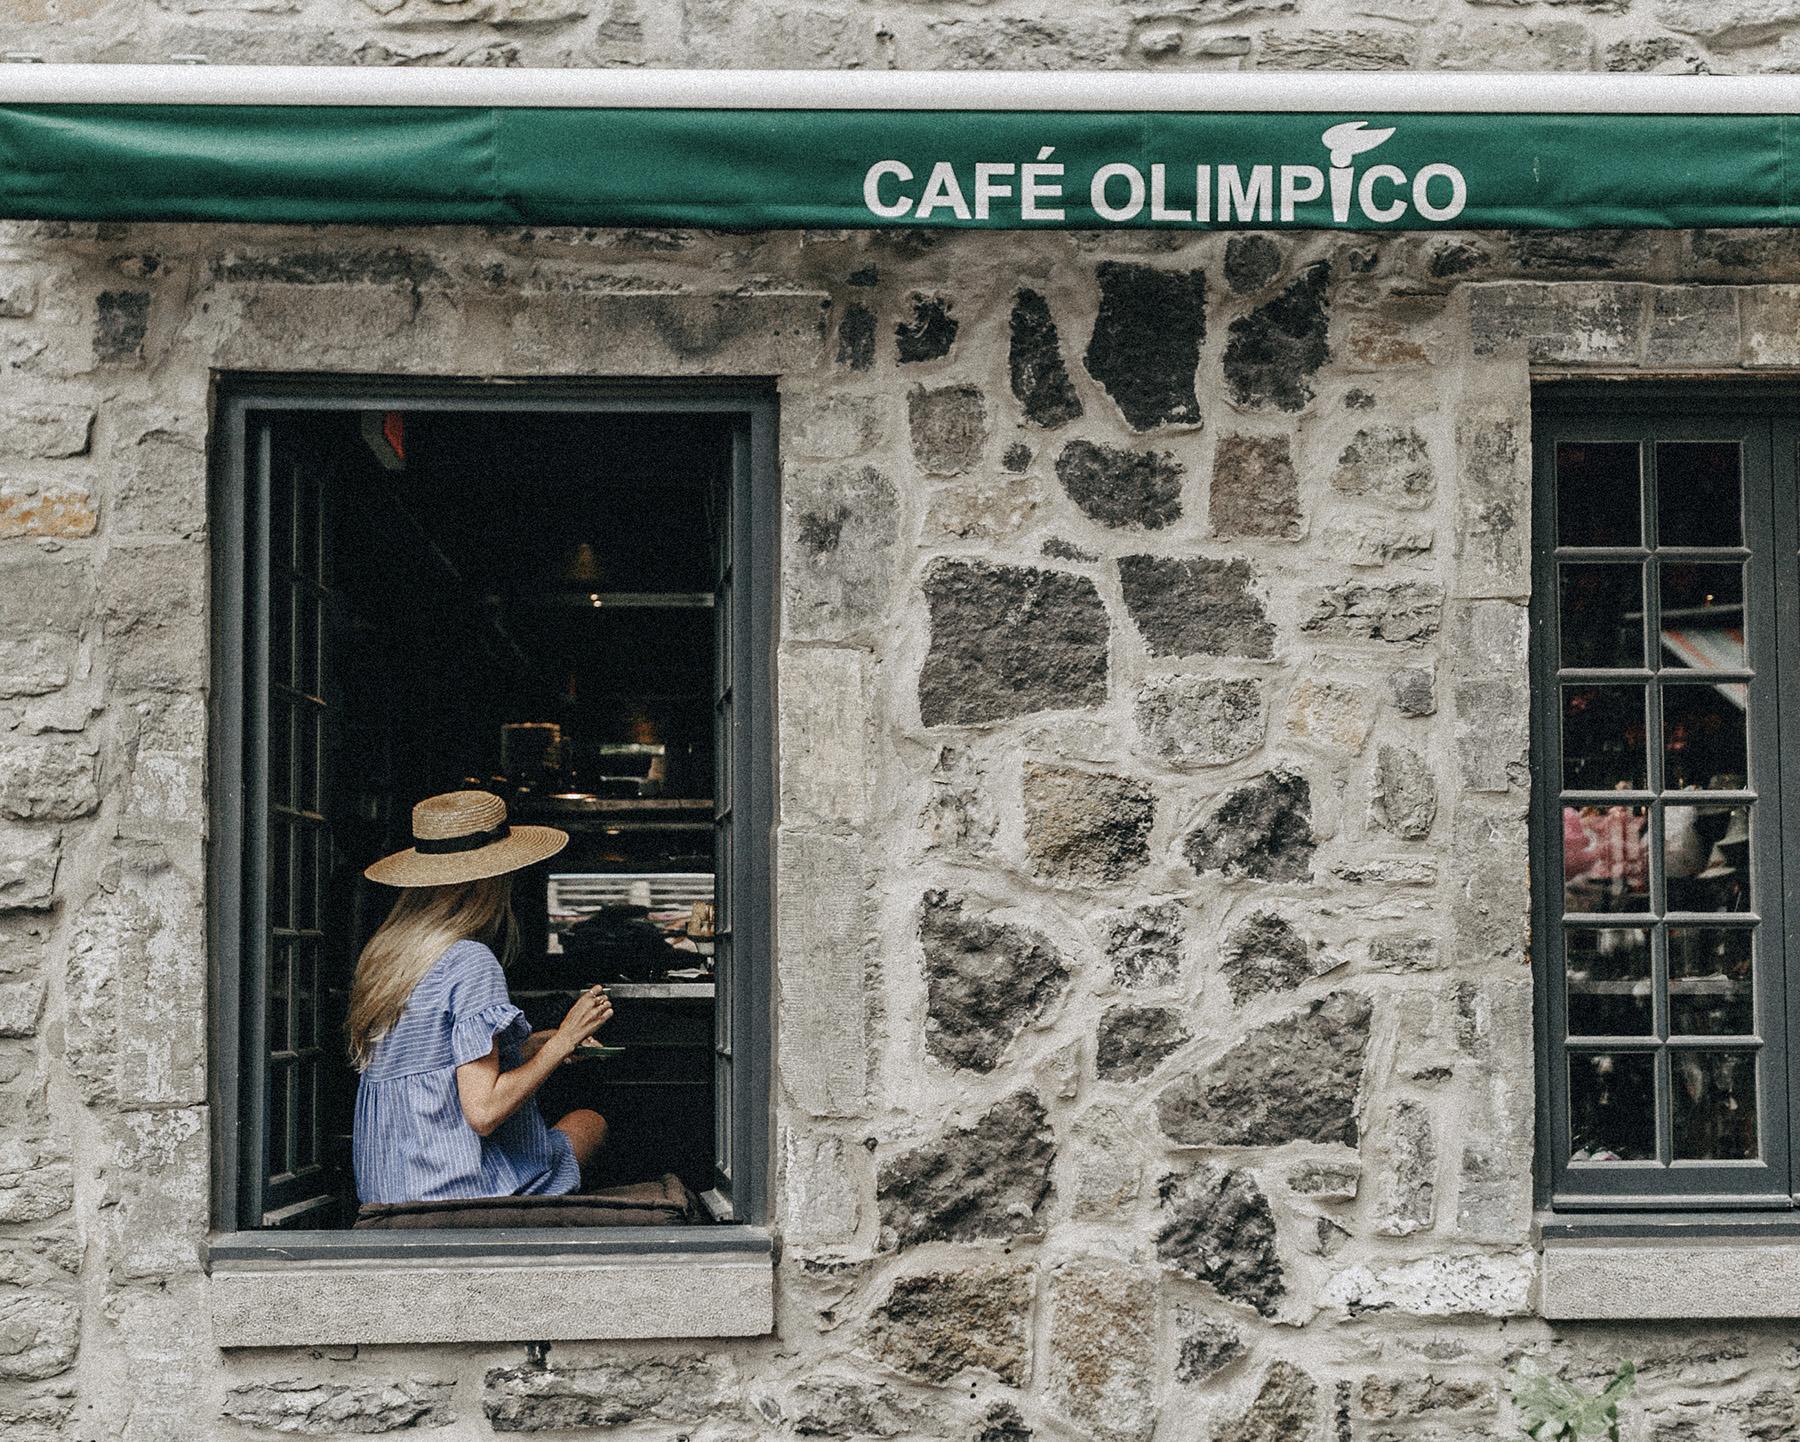 Une femme à la fenêtre du Café Olimpico en train de boire un café